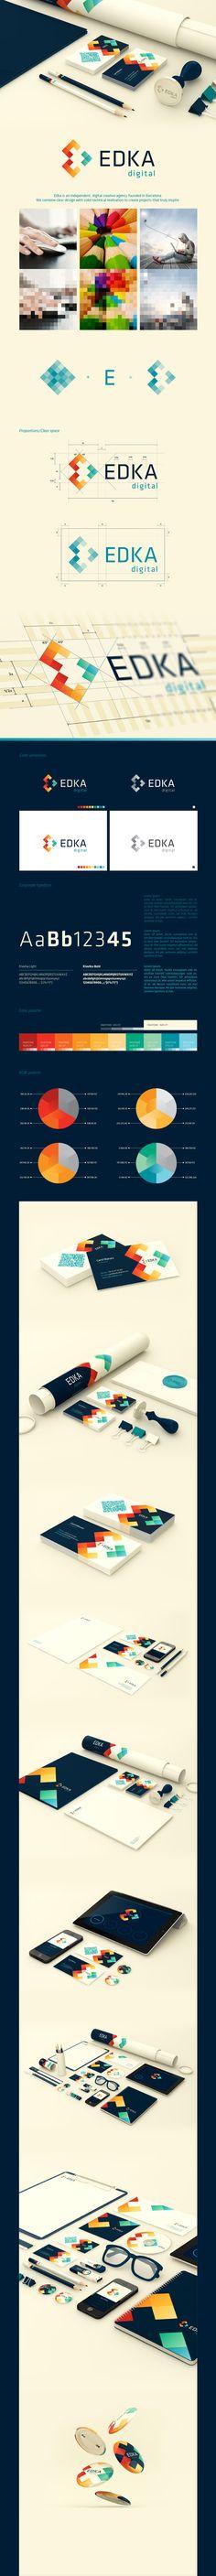 Identidade visual da agência Edka, de Barcelona, projetada por Vio Pintilie. #identify #branding #logodesign                                                                                           Mais